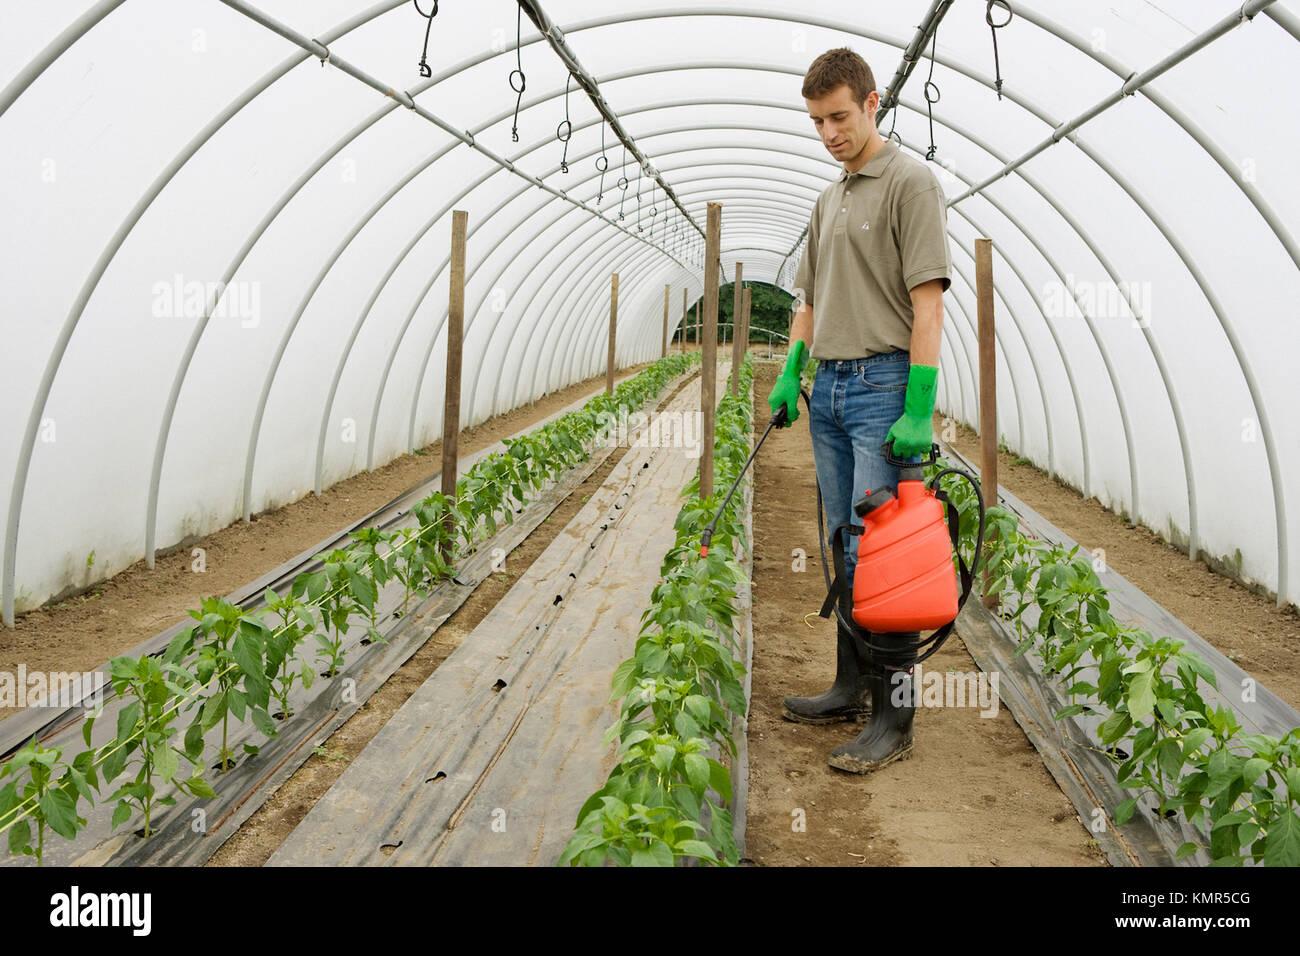 Traitement des plantes de poivron vert avec pulvérisateur (insecticides, pesticides). Serre. La production Photo Stock